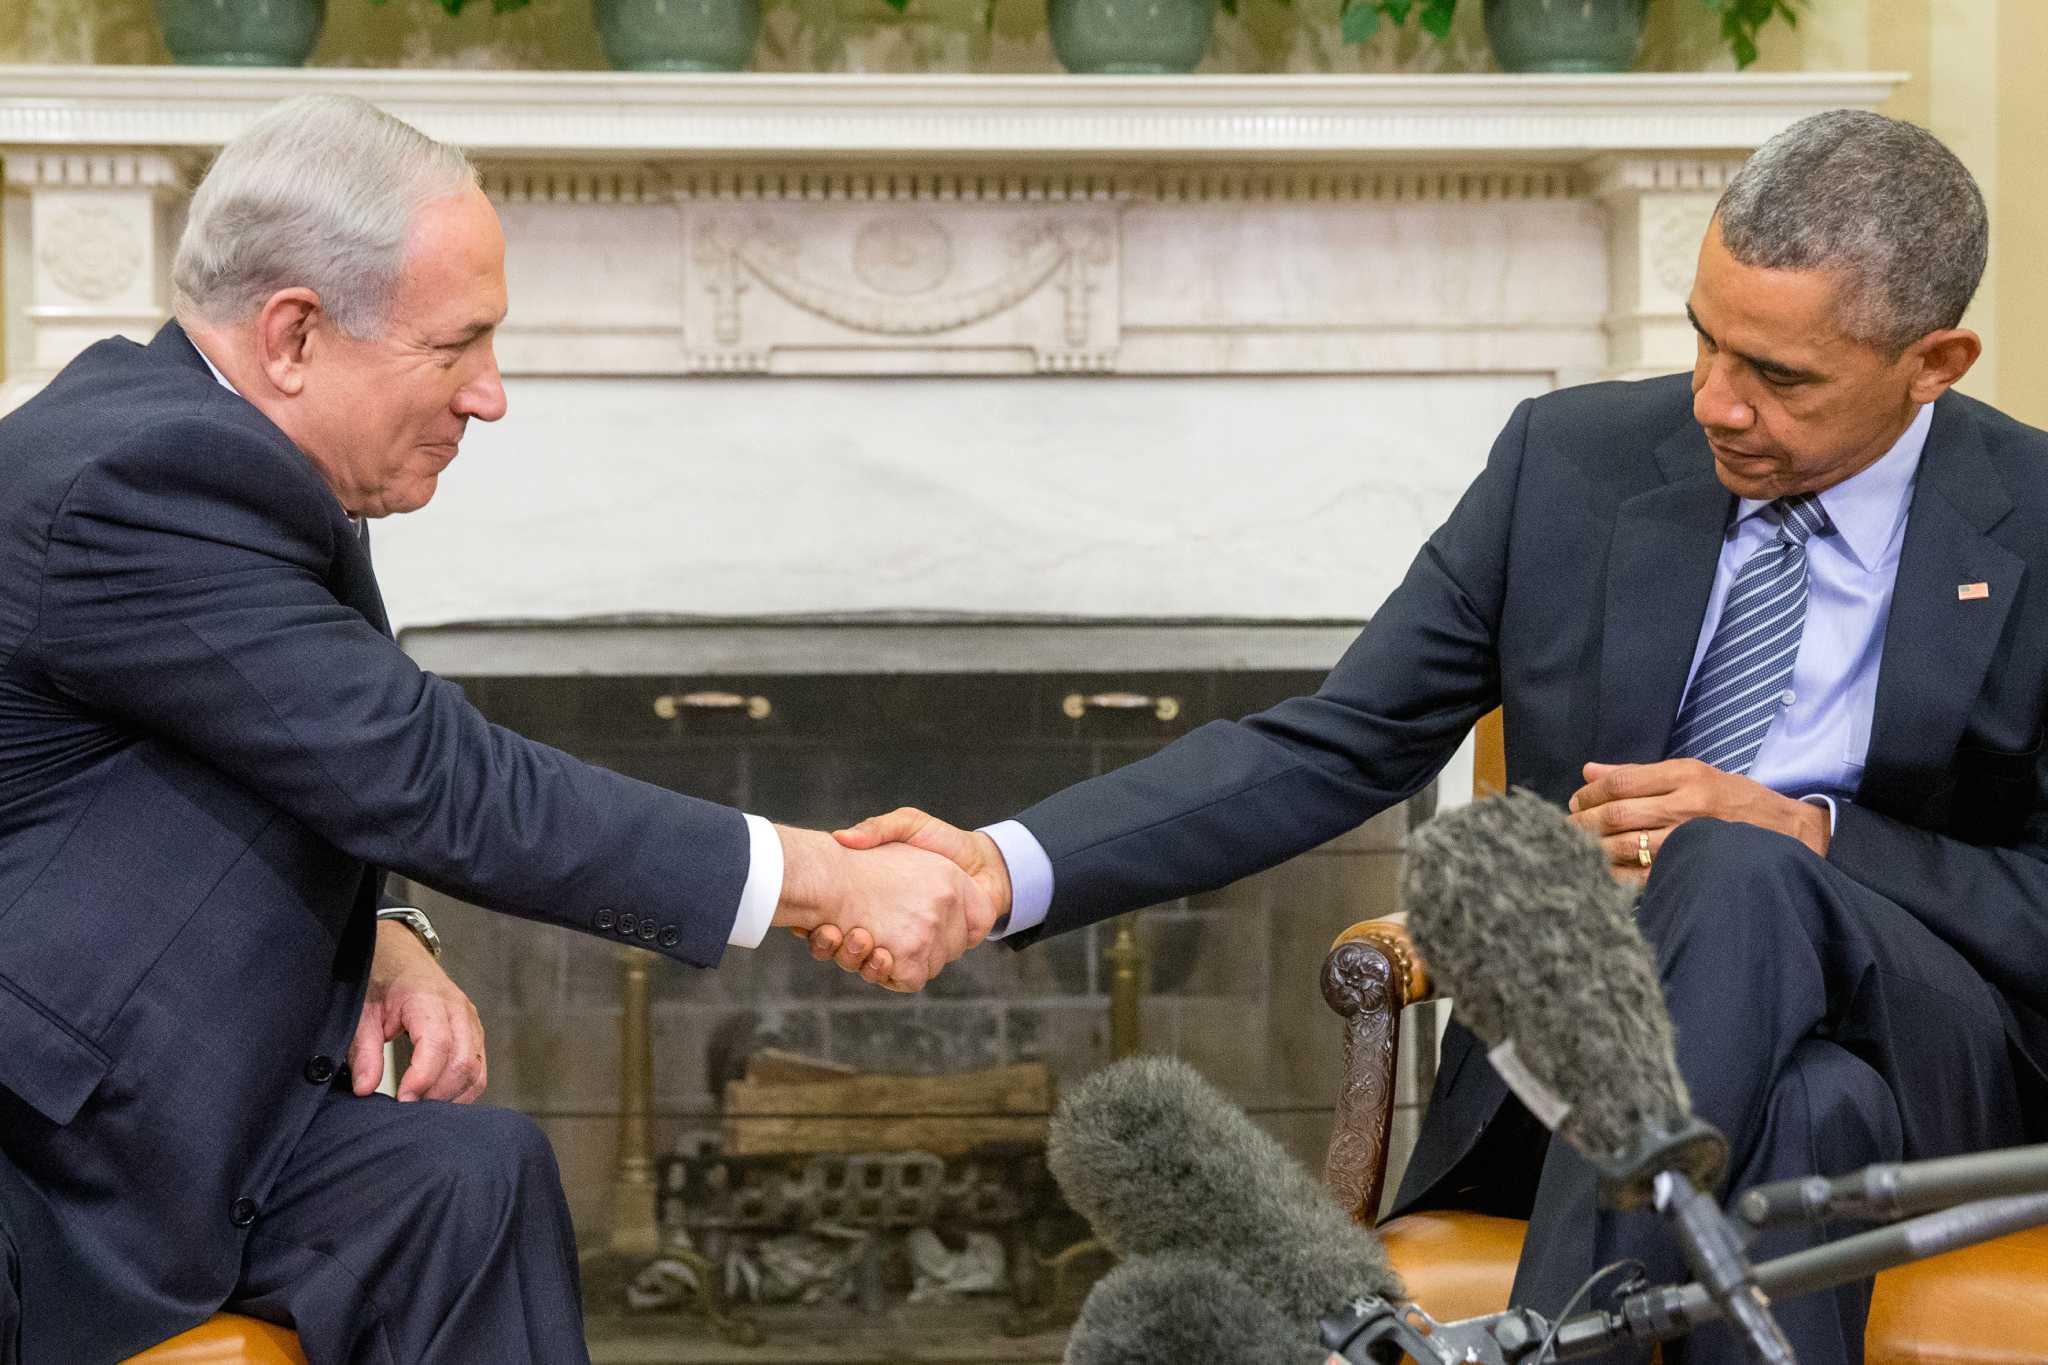 یک عکس راوی روابط  اوباما و نتانیاهو میشود